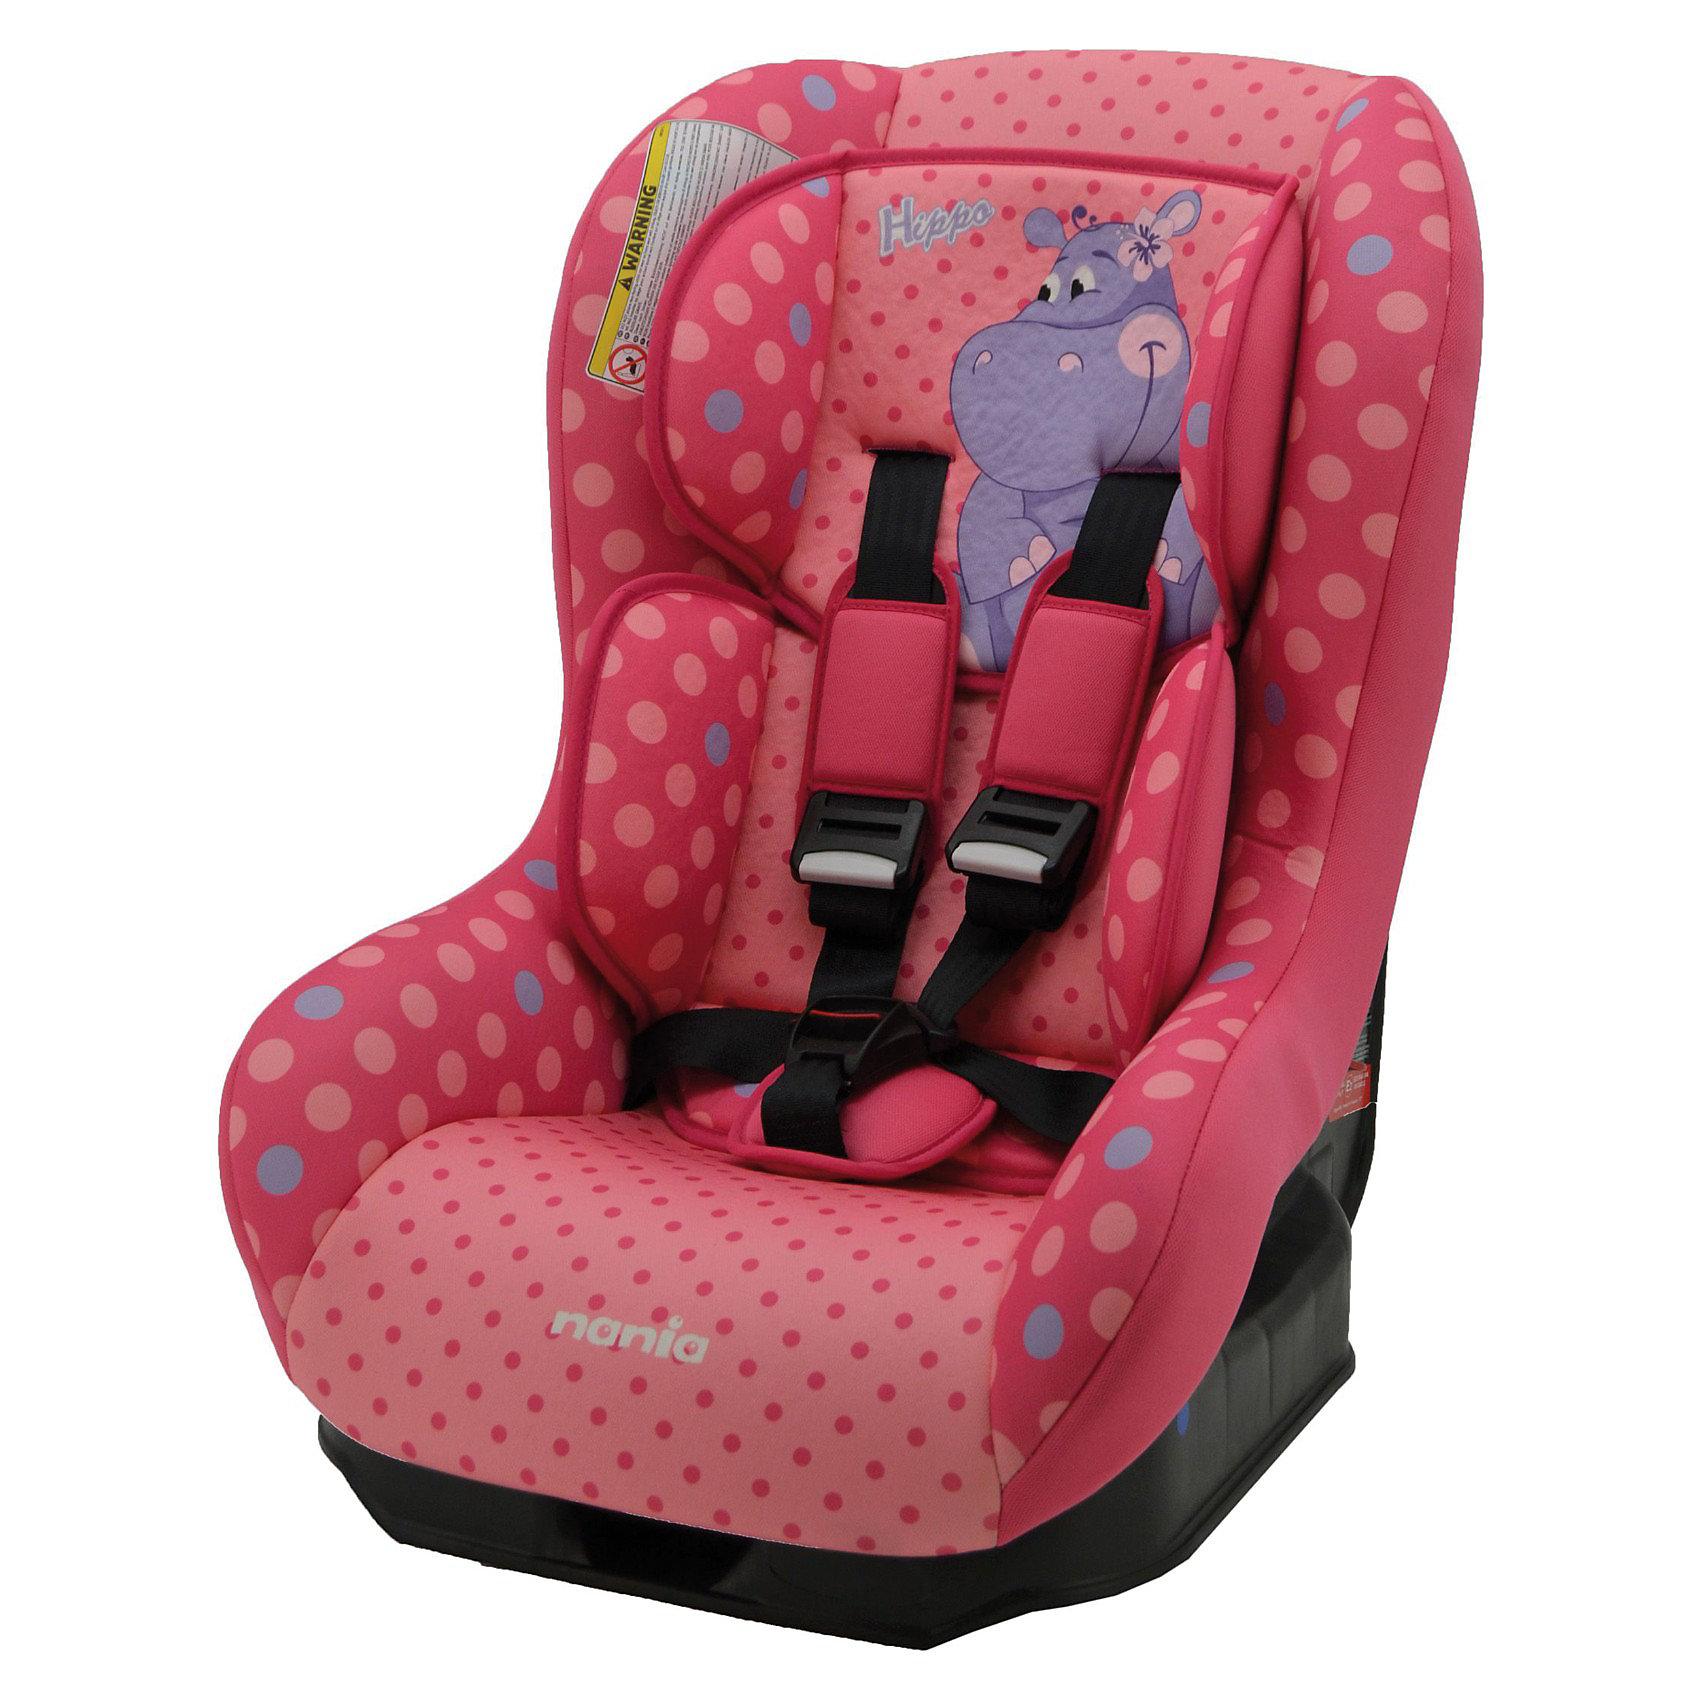 Автокресло Nania Driver, 0-18 кг, (hippo)Группа 0+, 1 (До 18 кг)<br>Автокресло Driver от Nania - комфортная надежная модель, которая сделает поездку Вашего ребенка приятной и безопасной. Сиденье кресла с мягким вкладышем под спину и подголовником имеет удобную анатомическую форму, что обеспечивает комфорт во время длительных поездок. В комплект входят 2 дополнительные подушки. Наклон спинки можно регулировать в 5 положениях, от вертикально сидячего до полулежа. Кресло оснащено регулируемыми 5-точечными ремнями безопасности с 3-мя уровнями регулировки по высоте  и мягкими плечевыми накладками.<br><br>Усиленная боковая защита SP - Side Protection убережёт ребёнка от серьезных травм. Автокресло устанавливается как на переднем так и на заднем сиденье автомобиля с помощью штатных ремней безопасности. Для детей более 9 кг. кресло следует устанавливать только на заднем сиденье. <br><br>Кресло изготовлено из высококачественных материалов, тканевые чехлы снимаются для чистки или стирки. Рассчитано на детей с рождения до 3-4 лет, весом 0-18 кг.<br><br>Дополнительная информация:<br><br>- Цвет: hippo(розовый/рисунок).<br>- Материал: 100% полиэстер, пластик.<br>- Внешние размеры автокресла: 54 х 45 х 61см.<br>- Внутренние размеры: 31 х 31см.<br>- Высота спинки: 55 см.<br>- Вес: 5,7 кг.<br><br>Автокресло Driver Nania можно купить в нашем интернет-магазине.<br><br>Ширина мм: 460<br>Глубина мм: 520<br>Высота мм: 600<br>Вес г: 12490<br>Возраст от месяцев: 0<br>Возраст до месяцев: 36<br>Пол: Унисекс<br>Возраст: Детский<br>SKU: 3607060